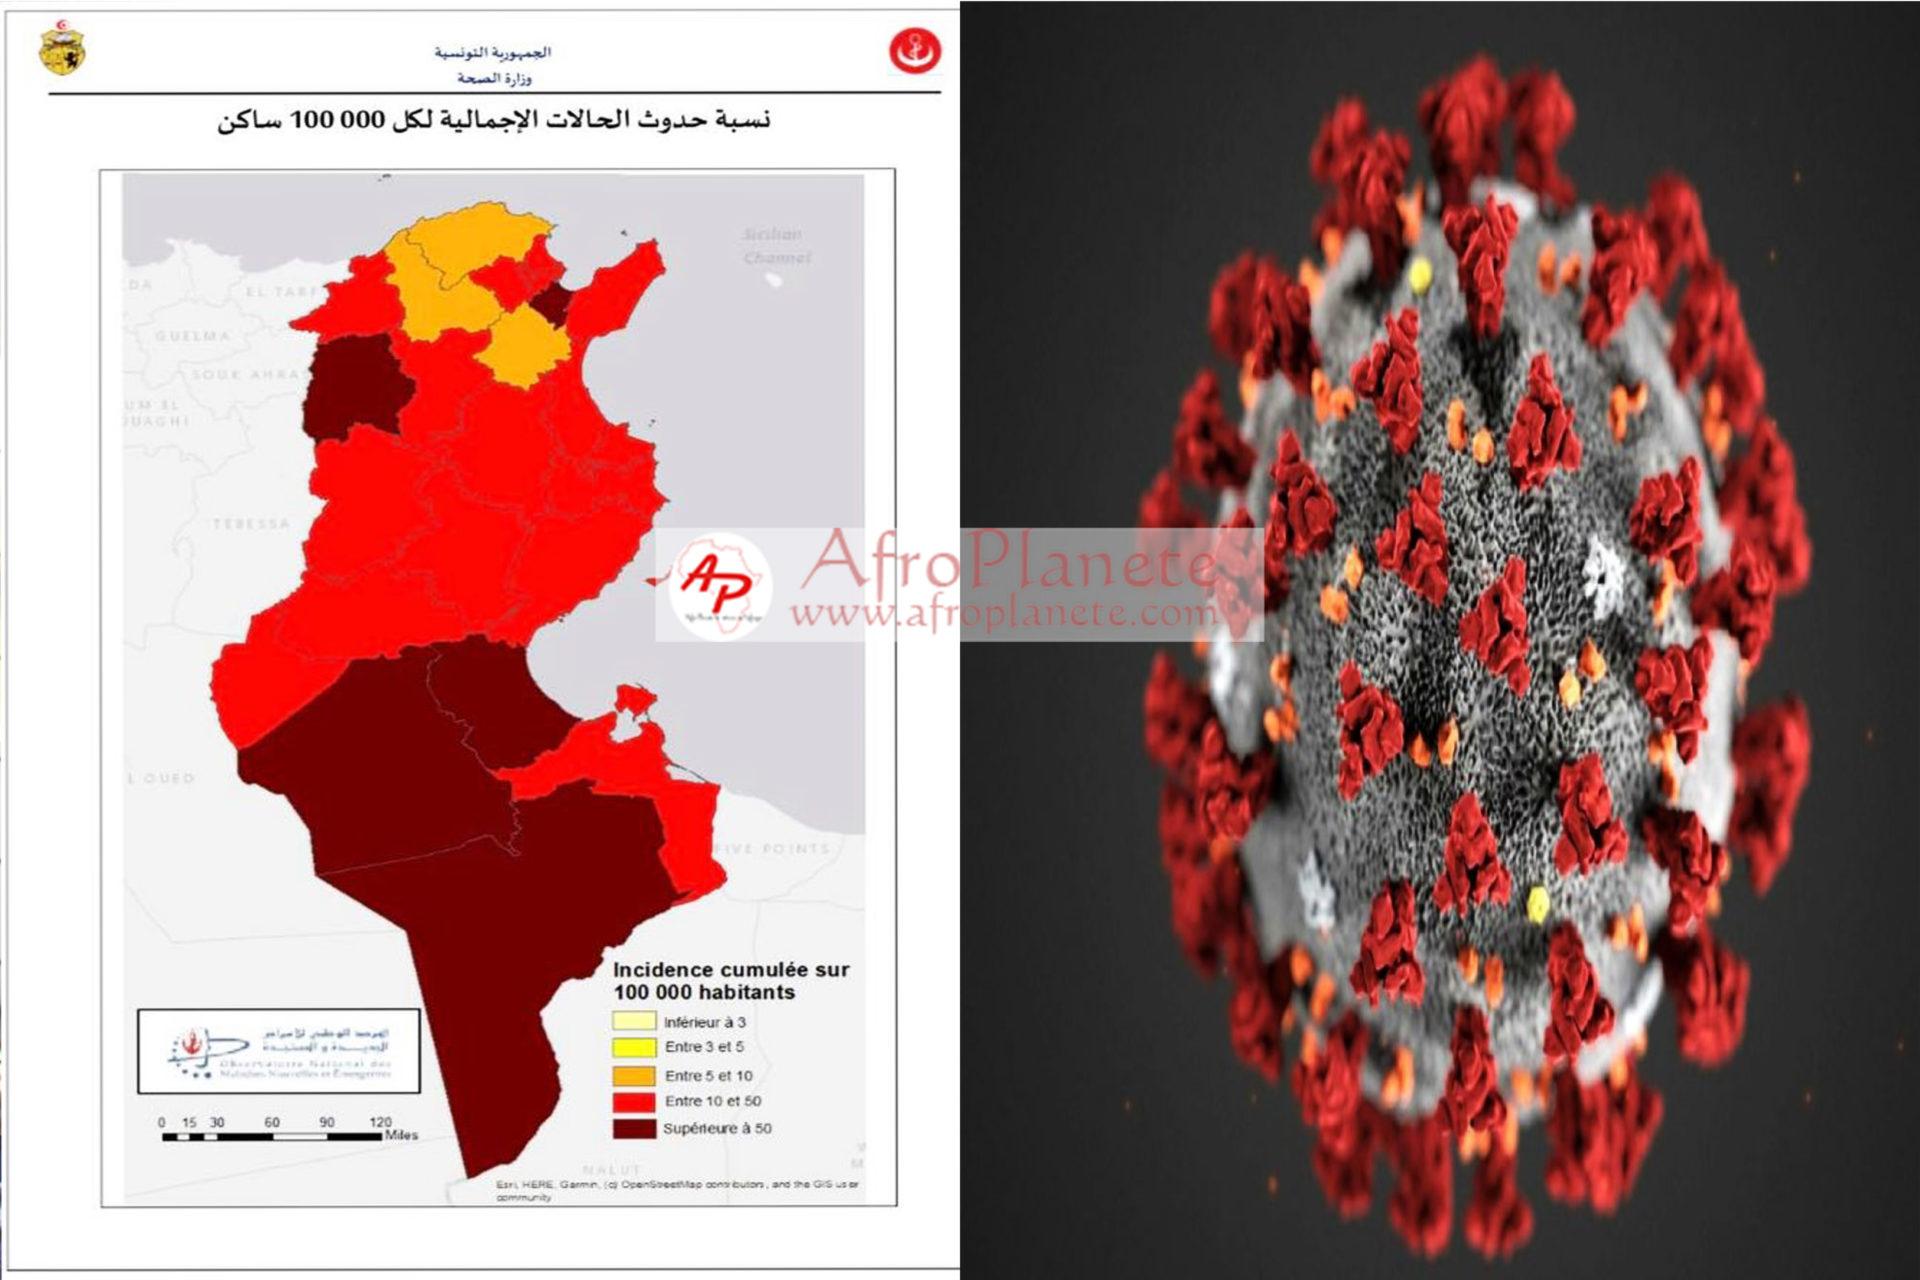 Tunisie - Coronavirus: La liste des gouvernorats classés sur la liste rouge